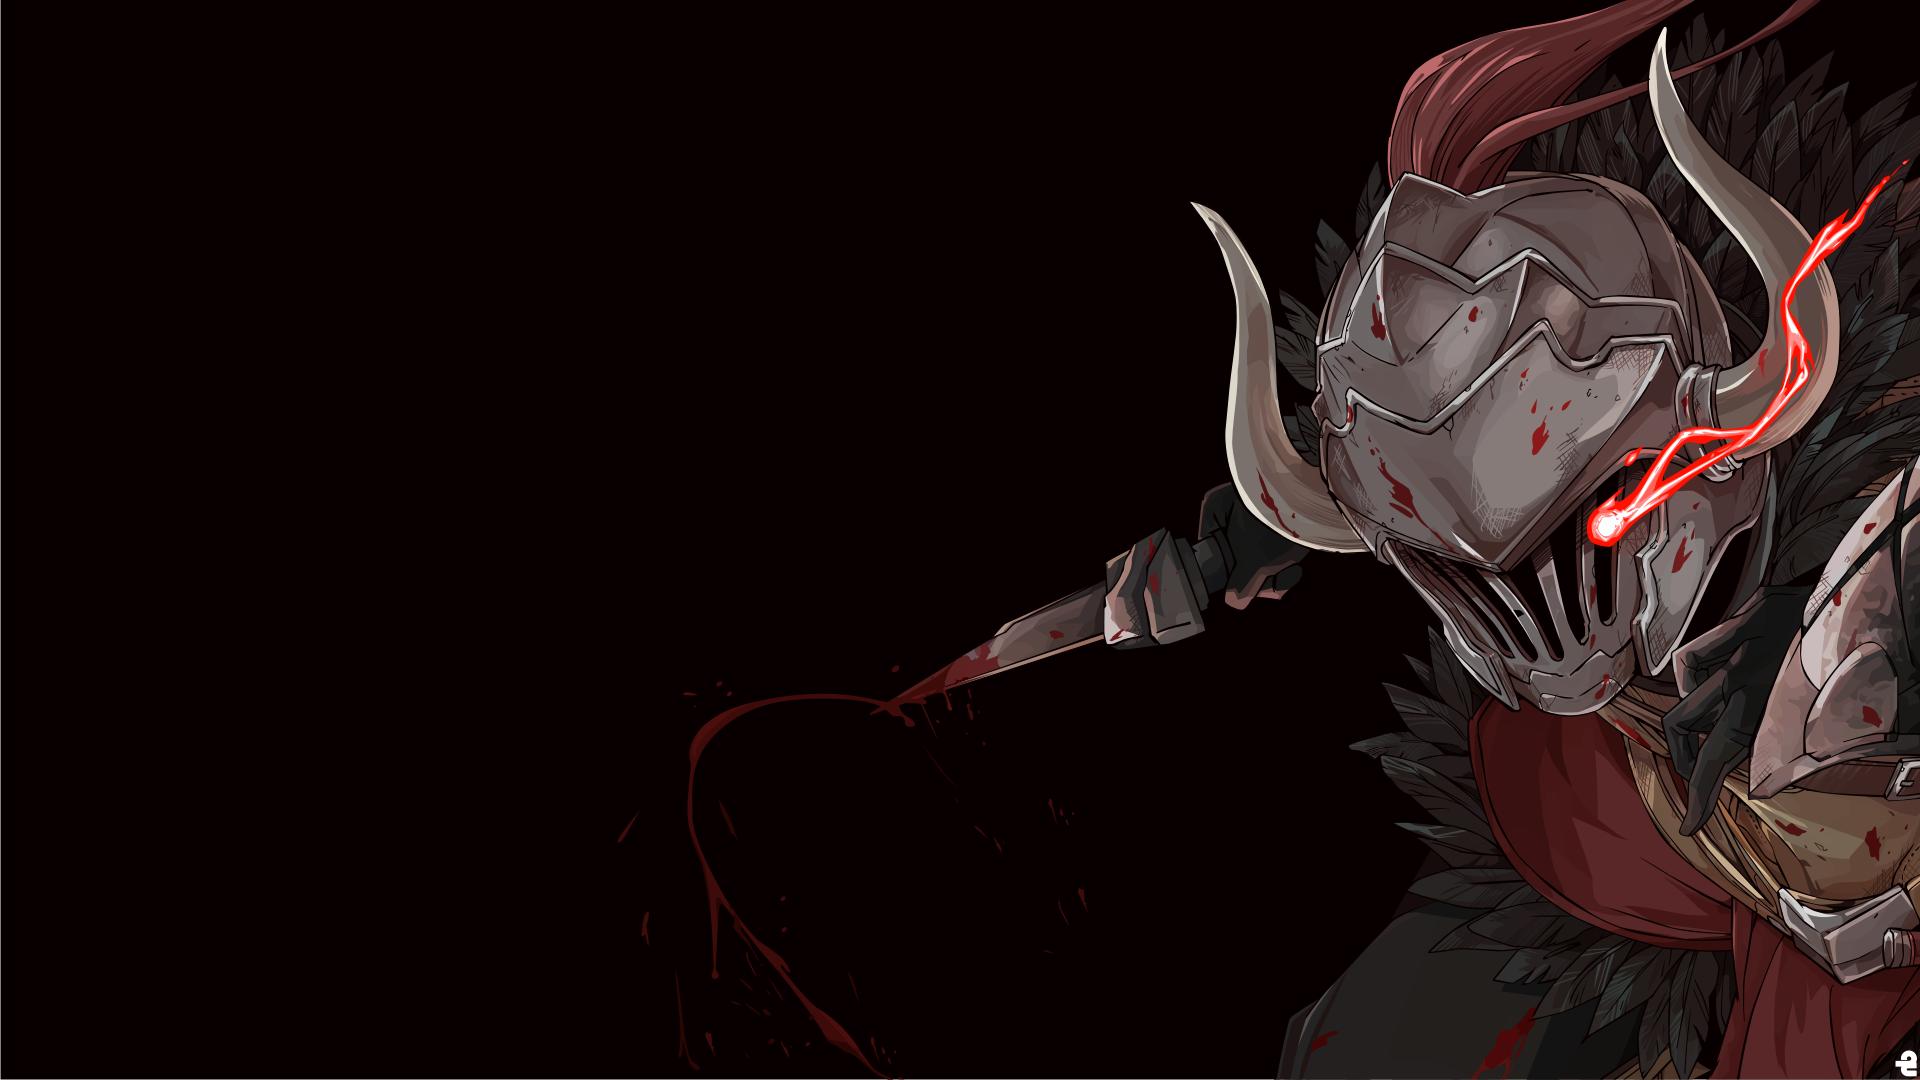 Goblin Slayer 1920x1080